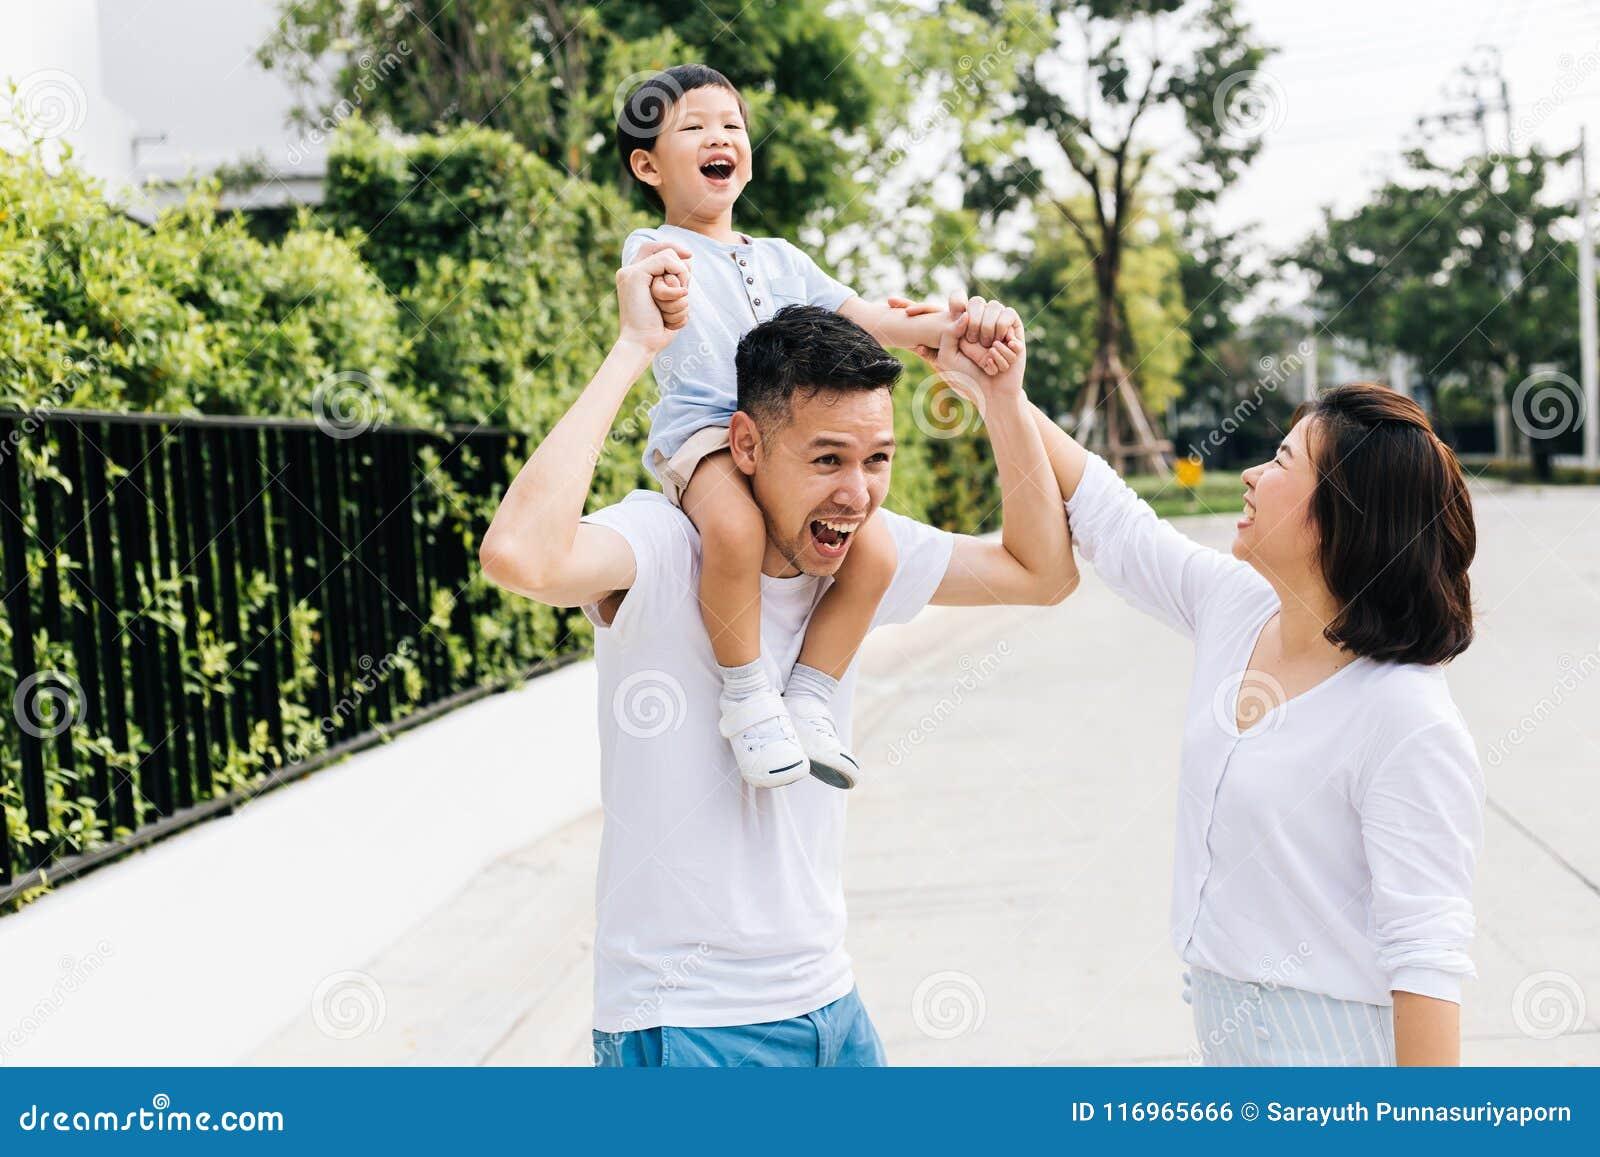 扛在肩上他的儿子的逗人喜爱的亚裔父亲与他的妻子一起在公园 举手的激动的家庭与幸福一起